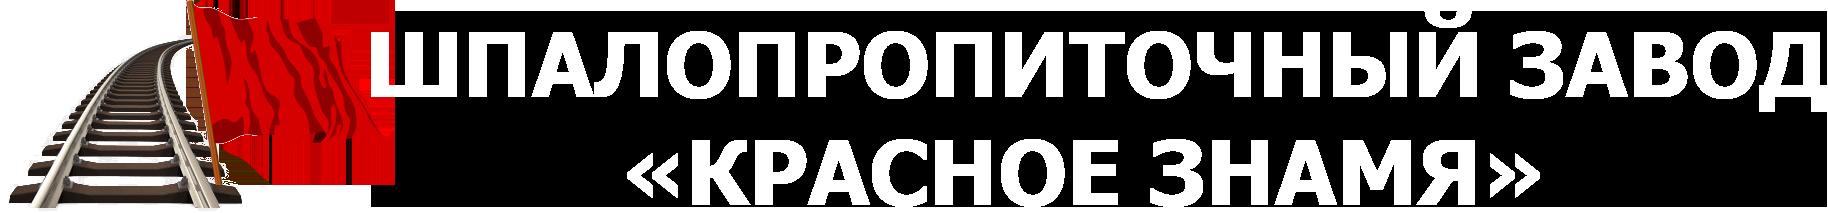 """Шпалопропиточный завод """"Красное знамя"""" 8-831-288-93-34 805660@mail.ru"""